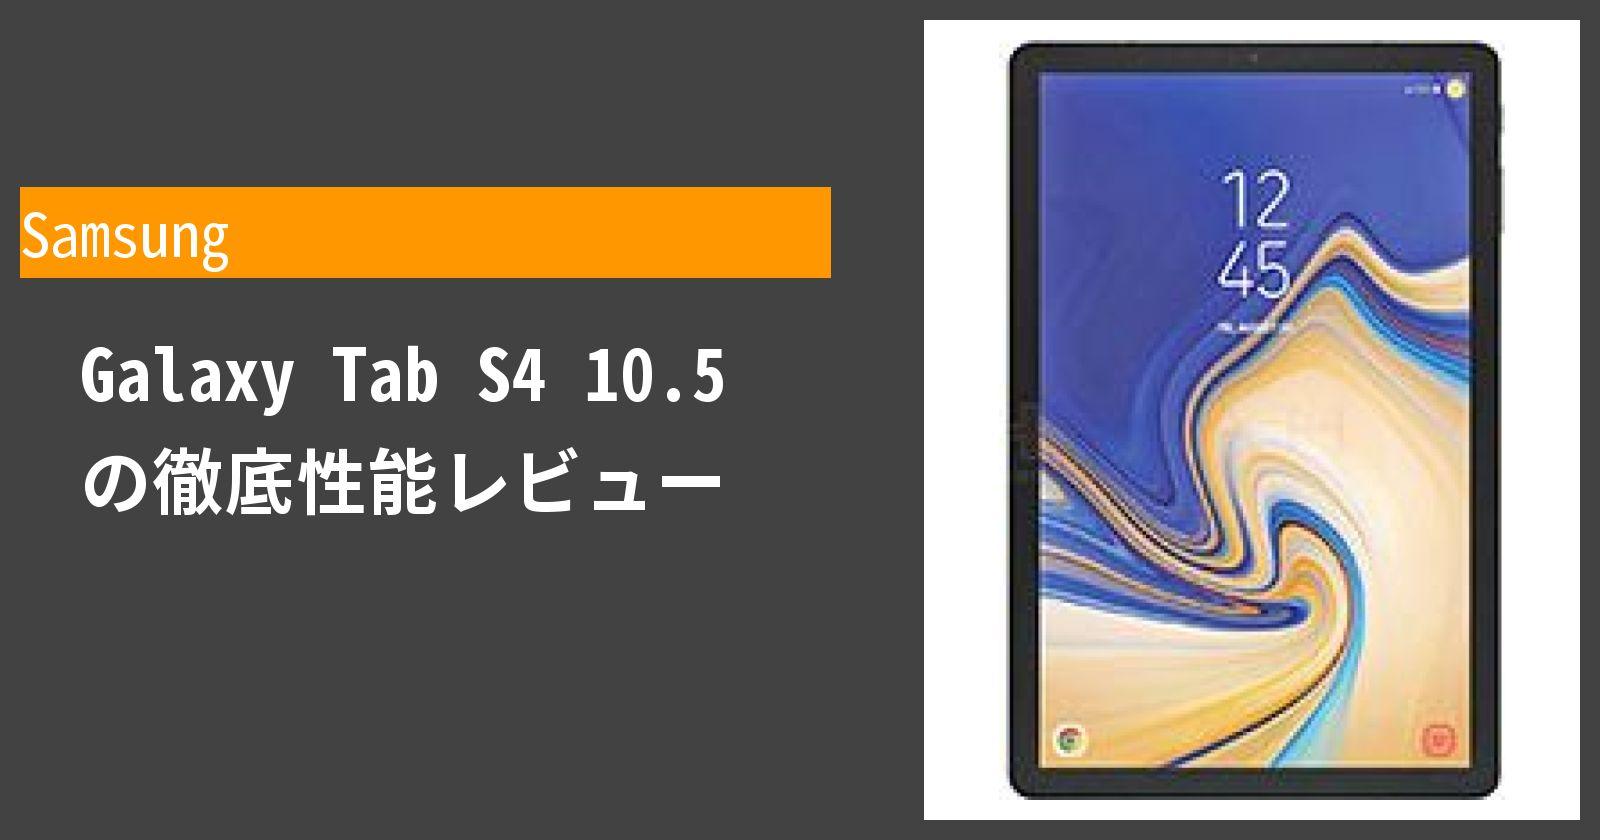 Galaxy Tab S4 10.5 の徹底性能レビュー